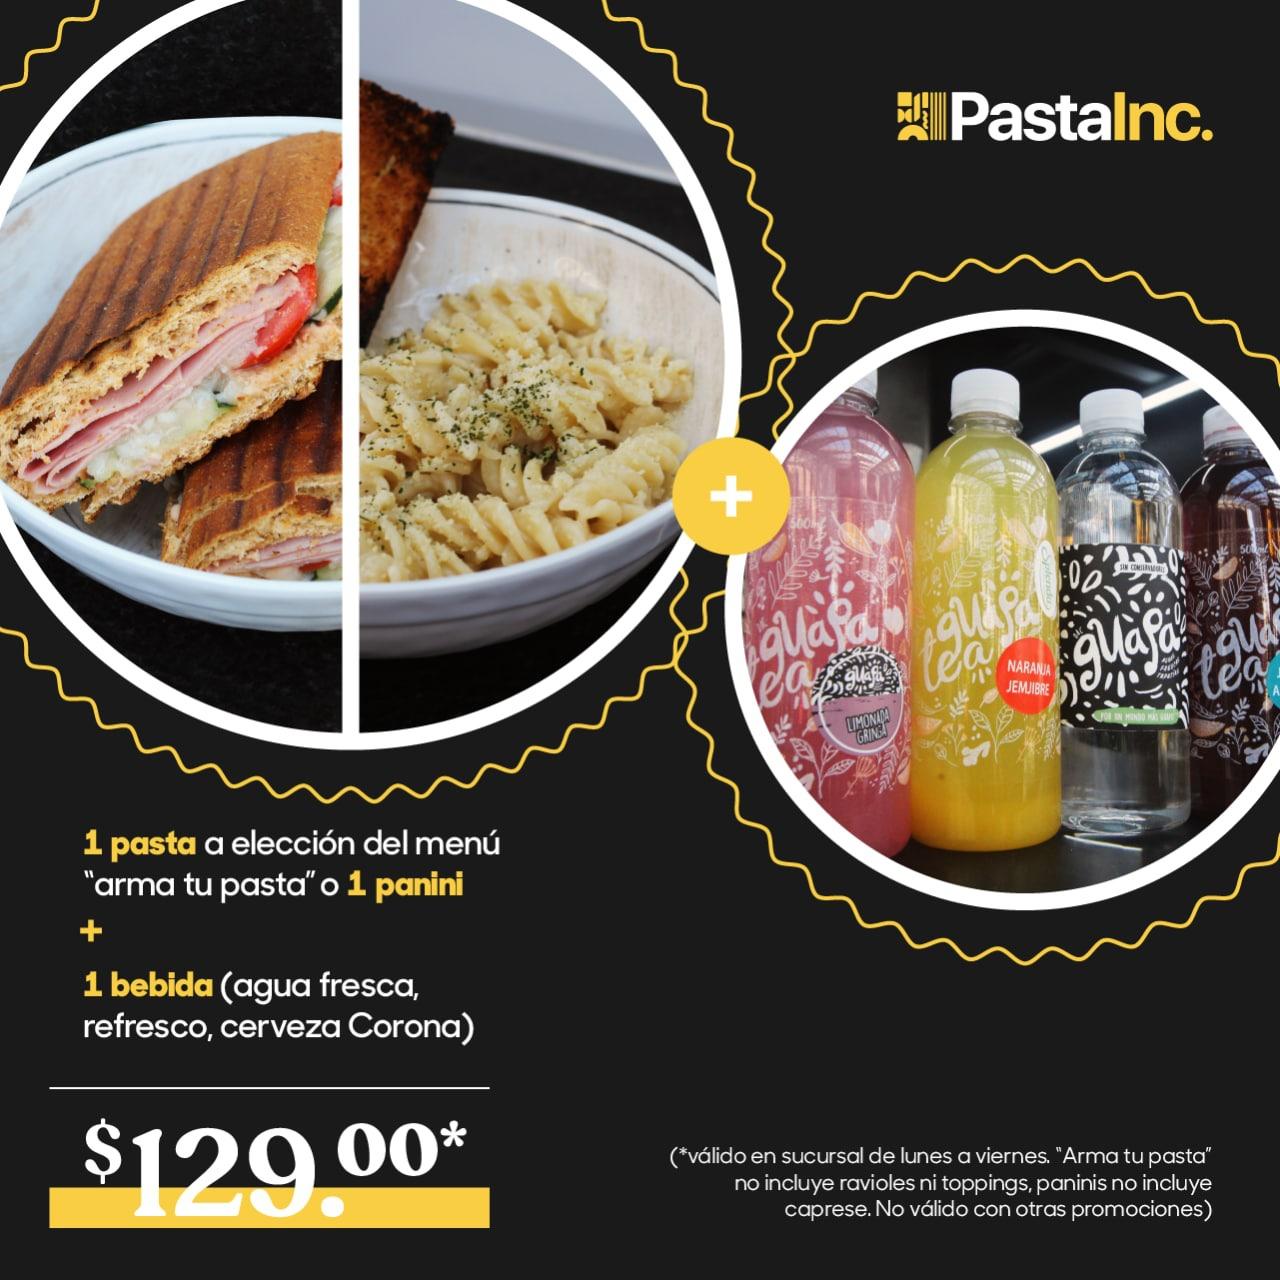 Pasta Inc 2